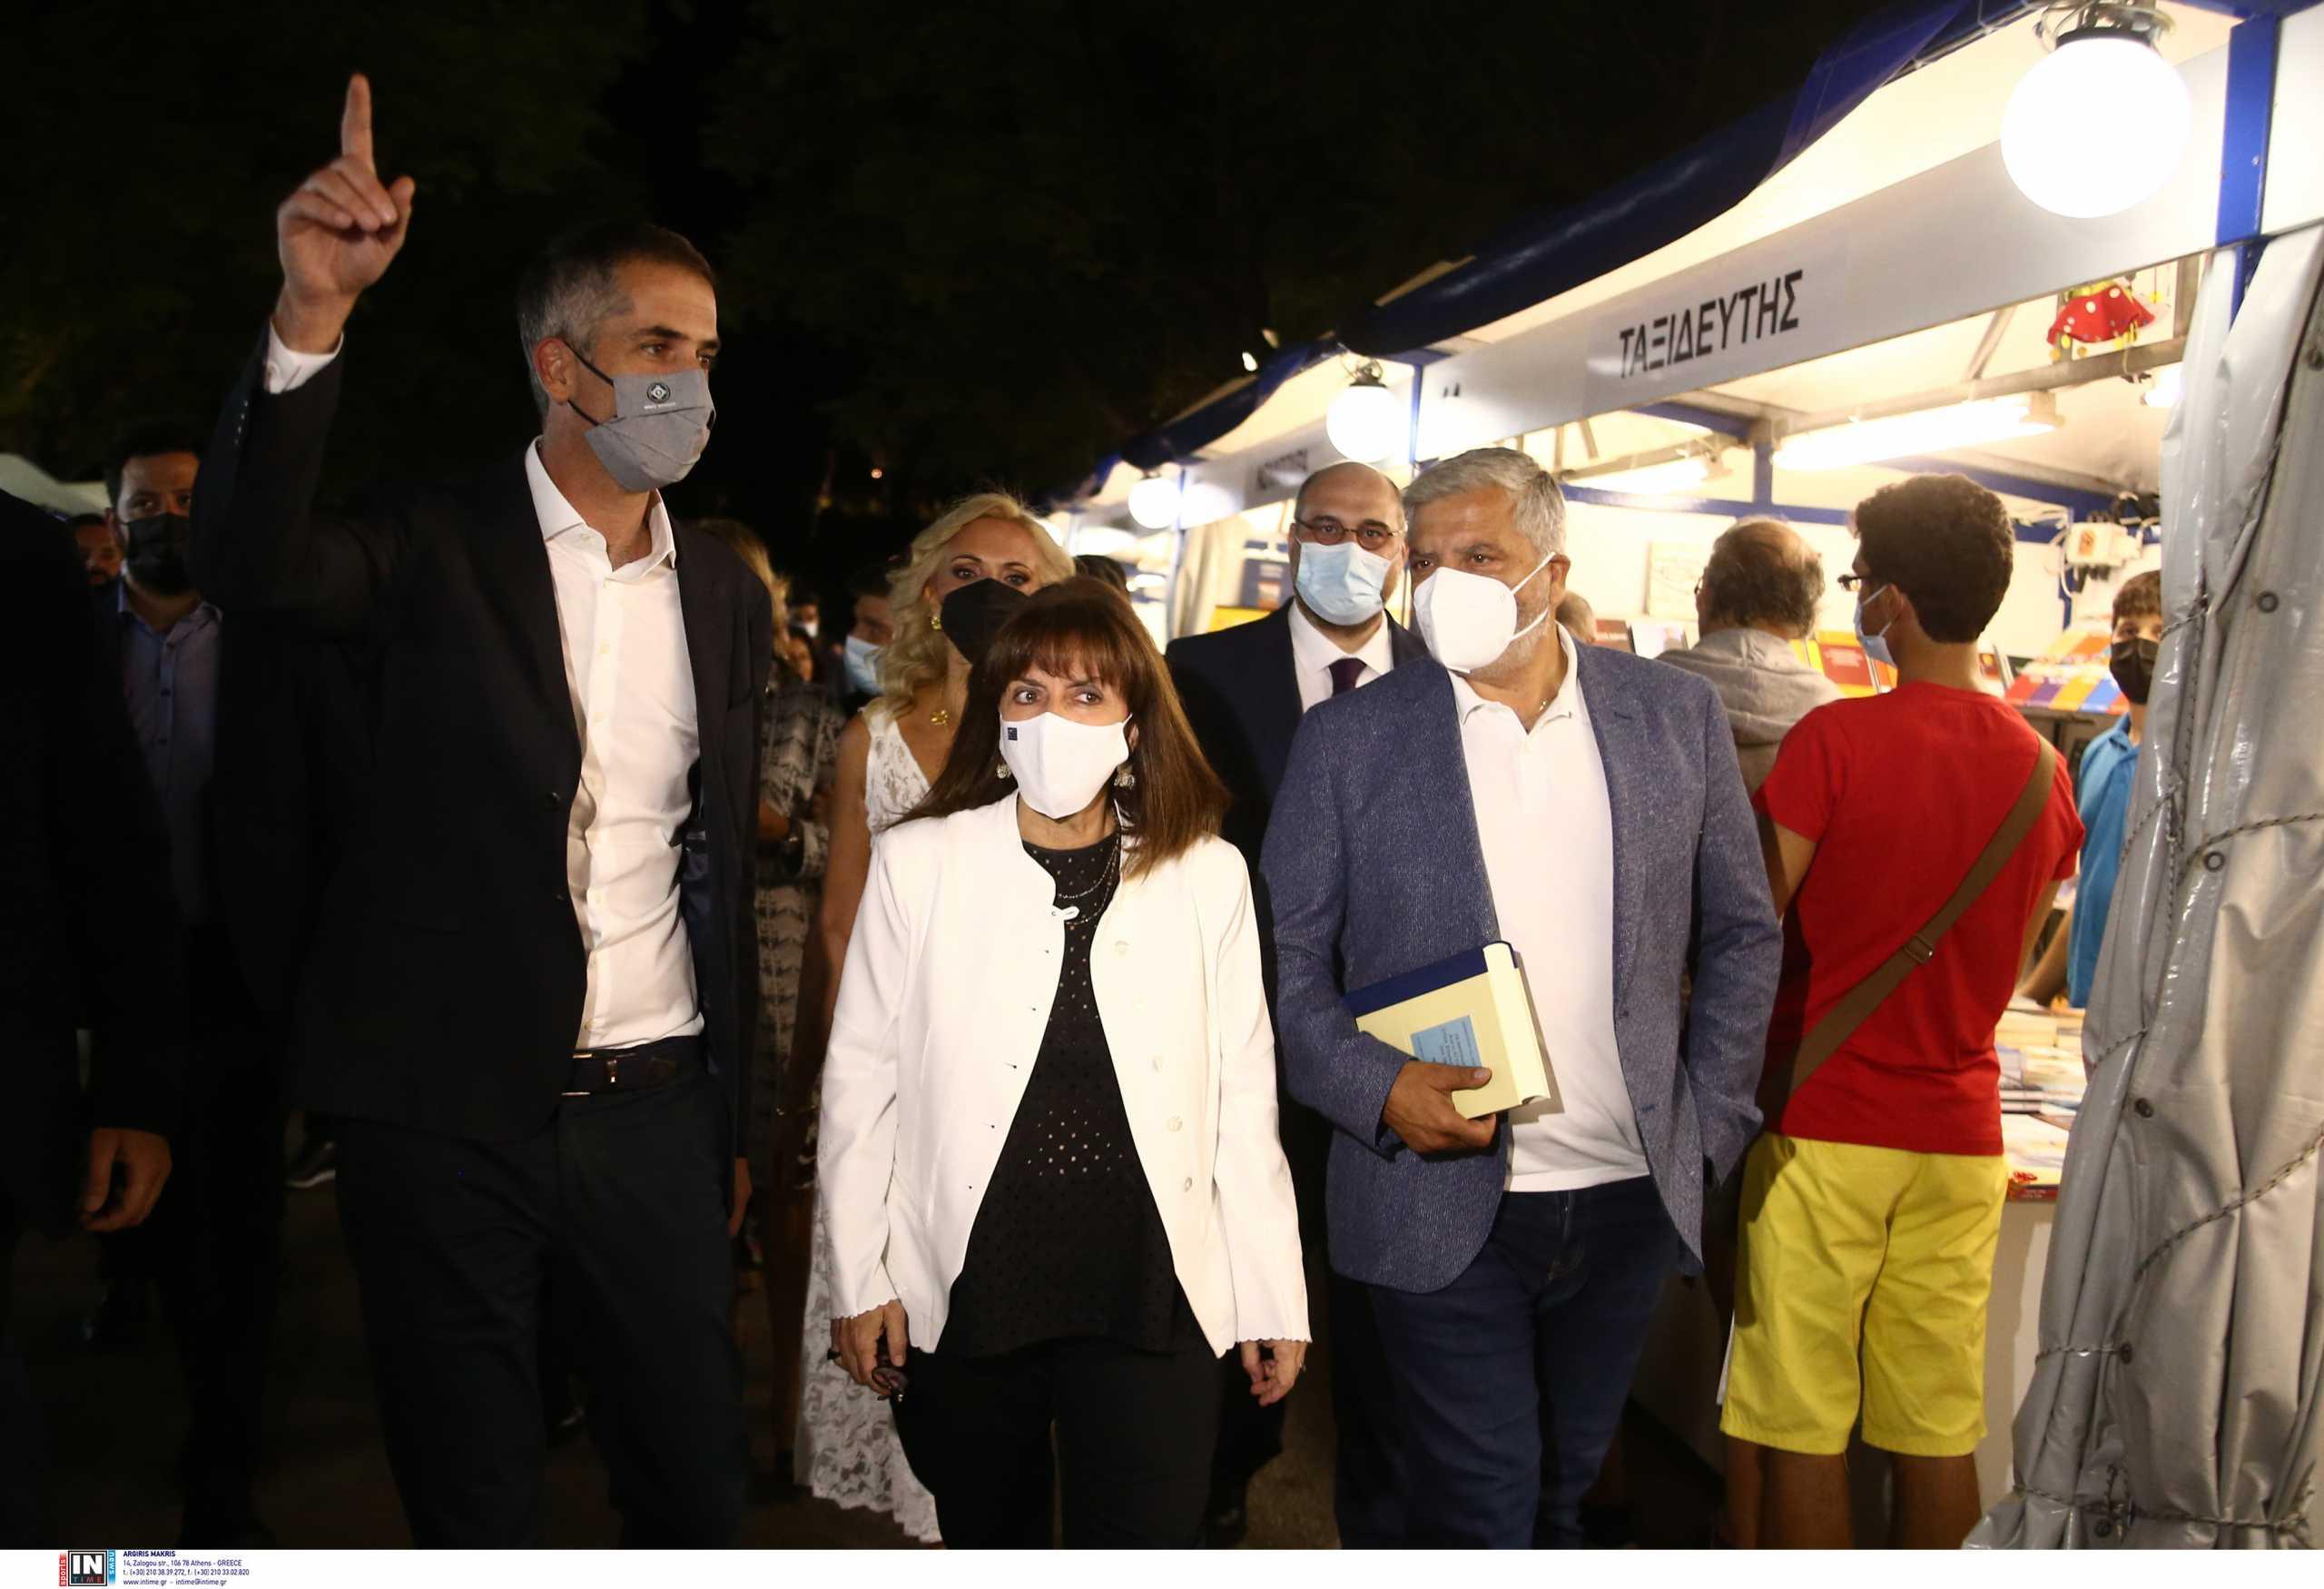 Η Κατερίνα Σακελλαροπούλου εγκαινίασε το 49ο Φεστιβάλ Βιβλίου στο Ζάππειο